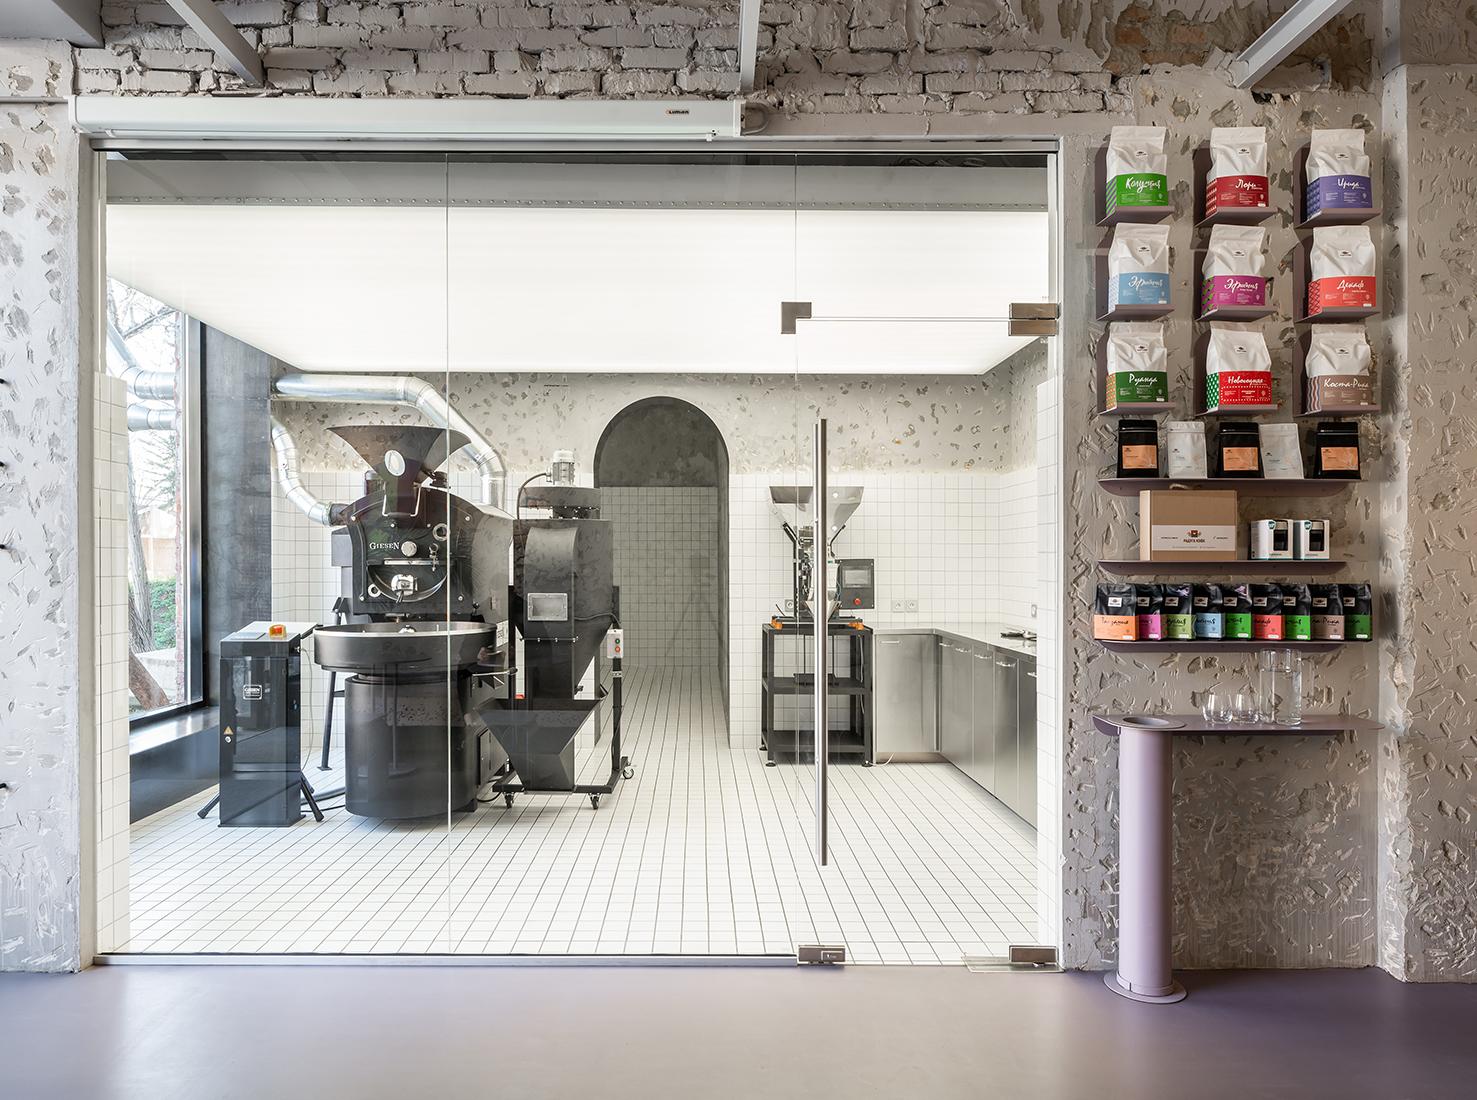 Кофейня Радуга в Краснодаре фото